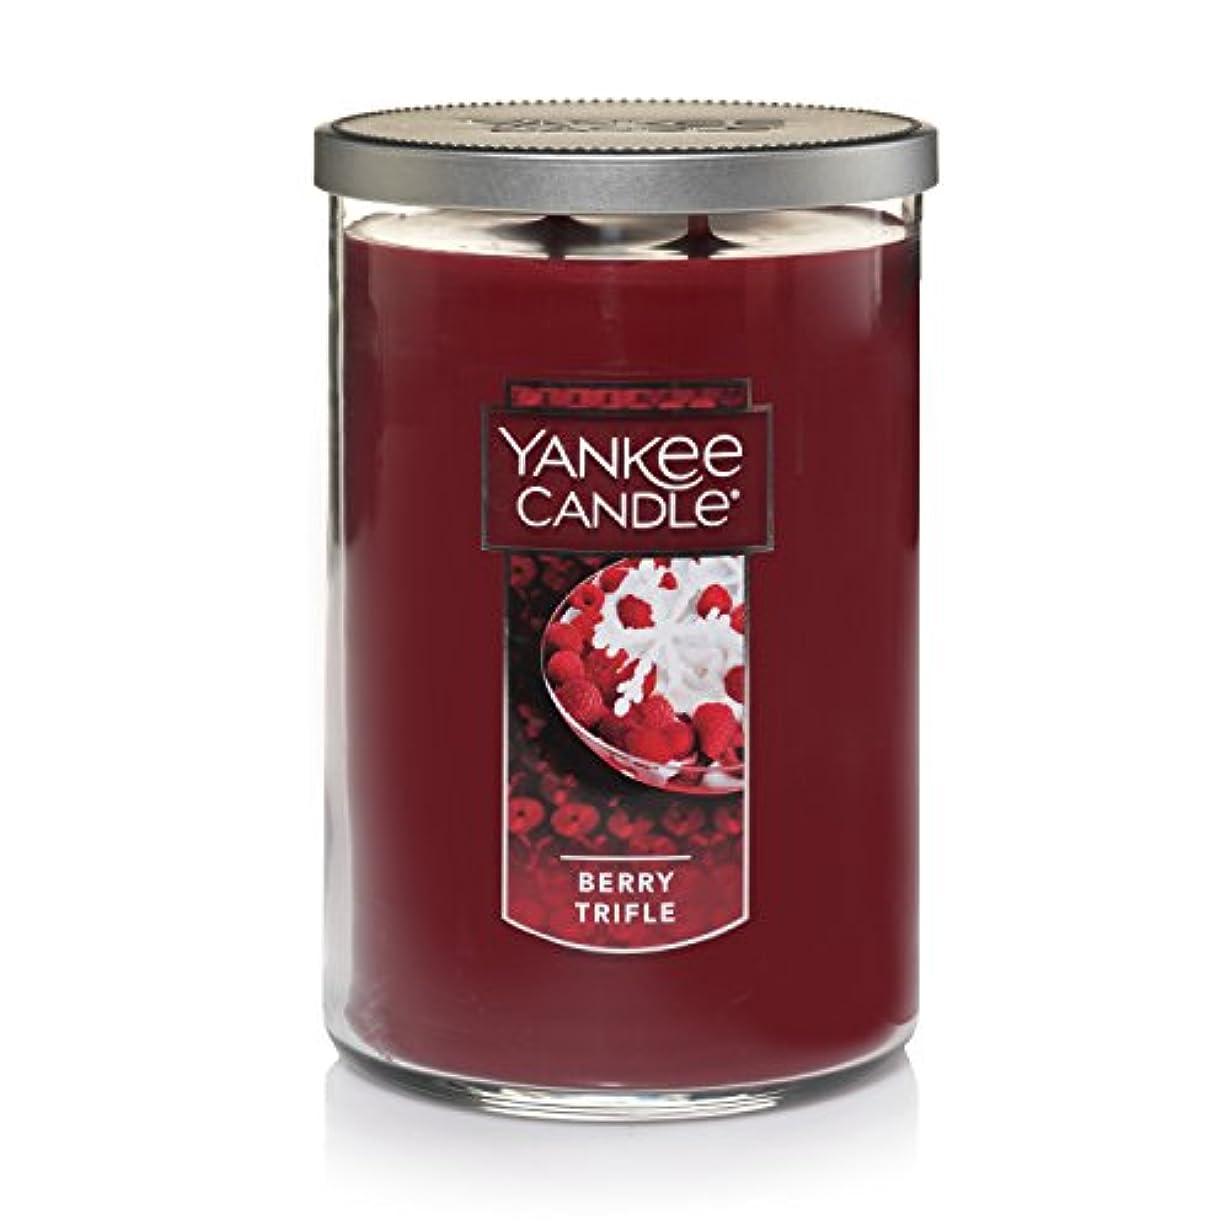 成熟素晴らしき輪郭Yankee Candle Large Jar Candle Large 2-Wick Tumbler Candle レッド 1342528